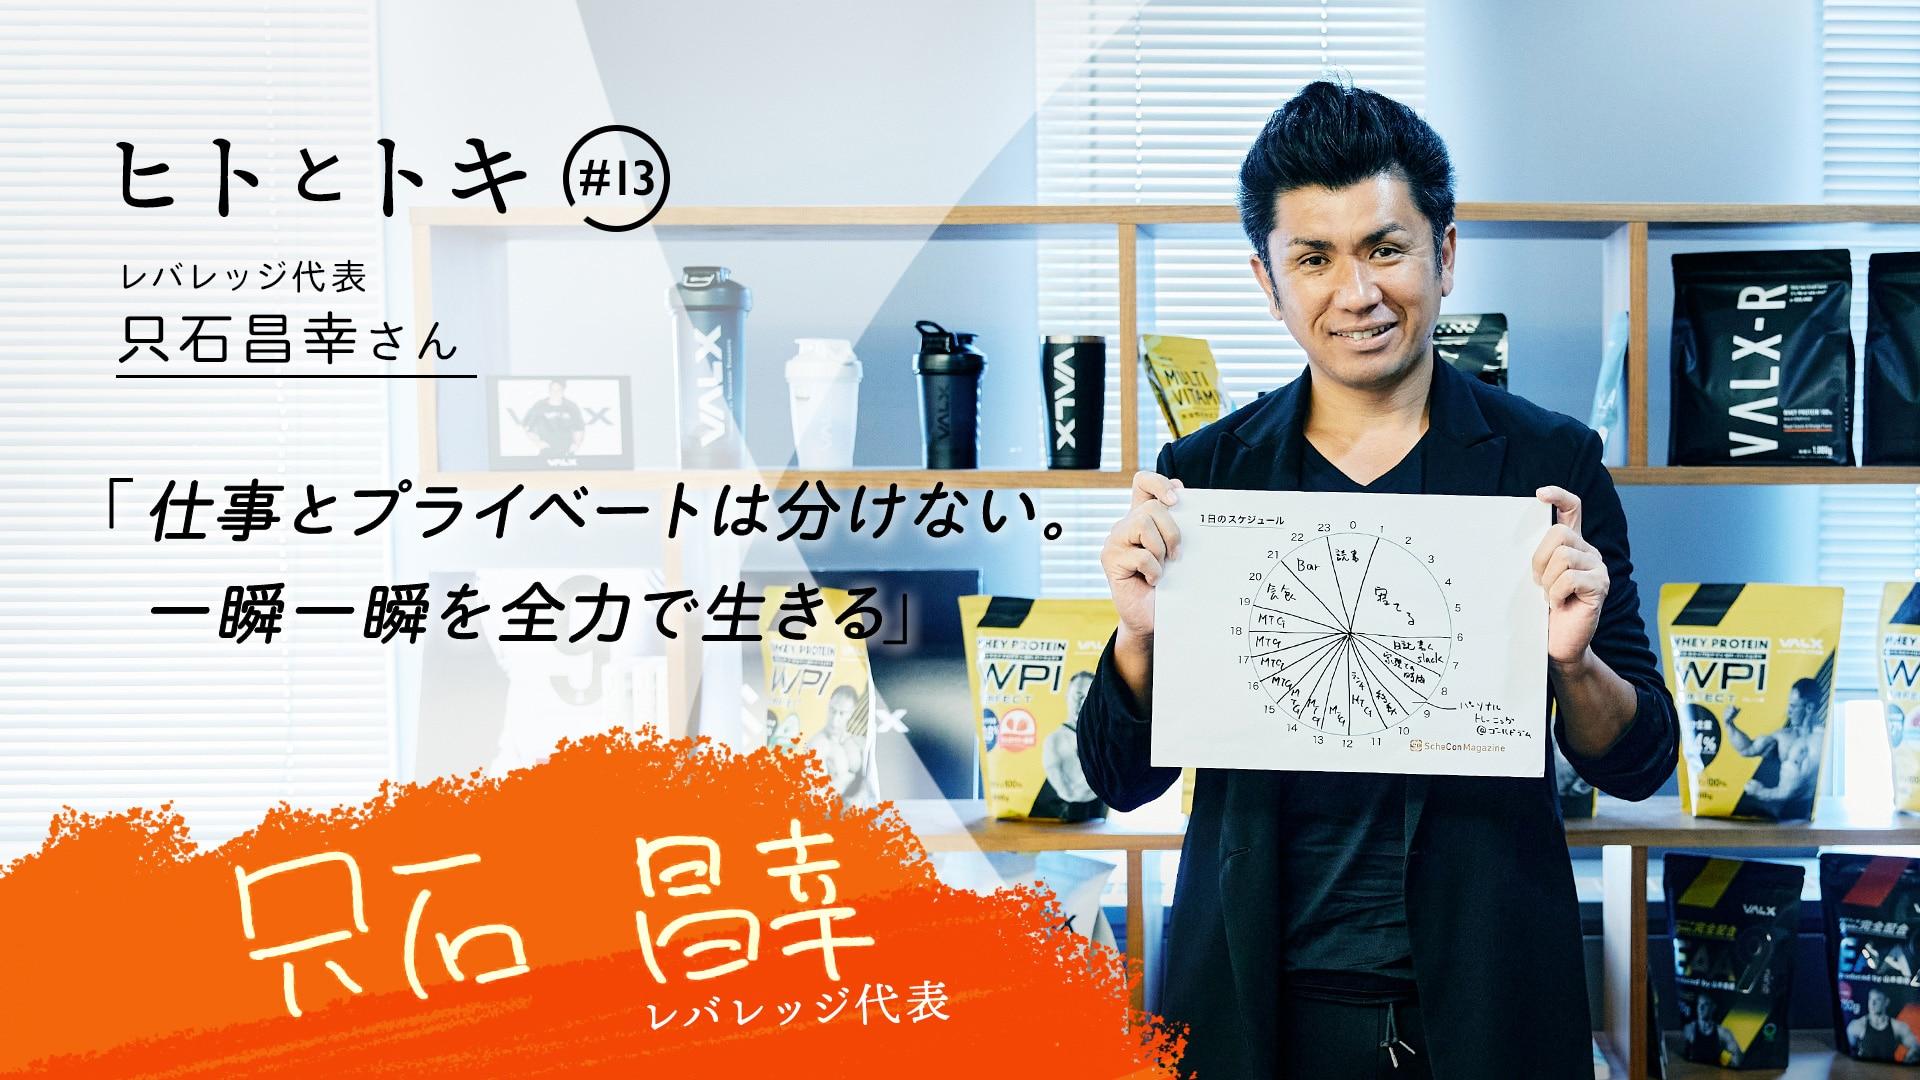 【ヒトとトキ♯13】レバレッジ代表・只石昌幸さん「仕事とプライベートは分けない。一瞬一瞬を全力で生きる」